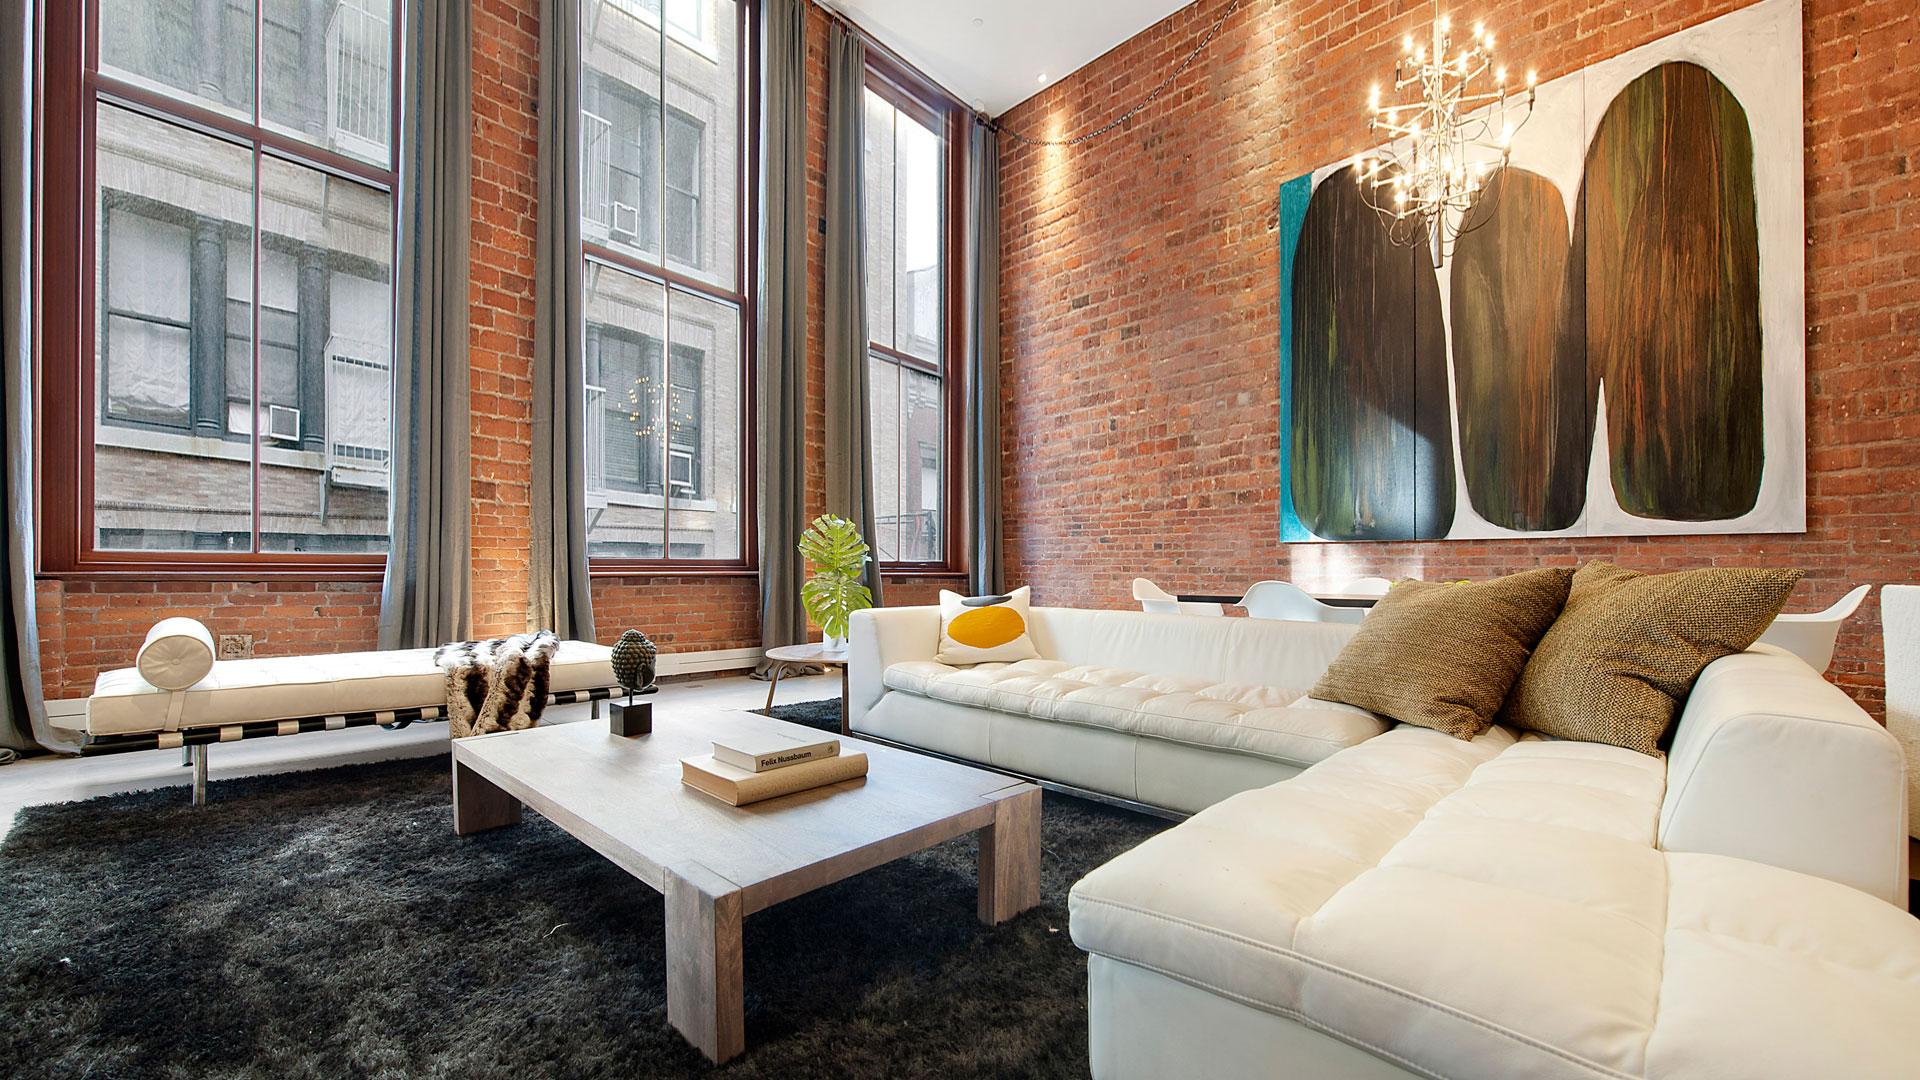 Interior Design Ideas For Your Home - Home Design Ideas